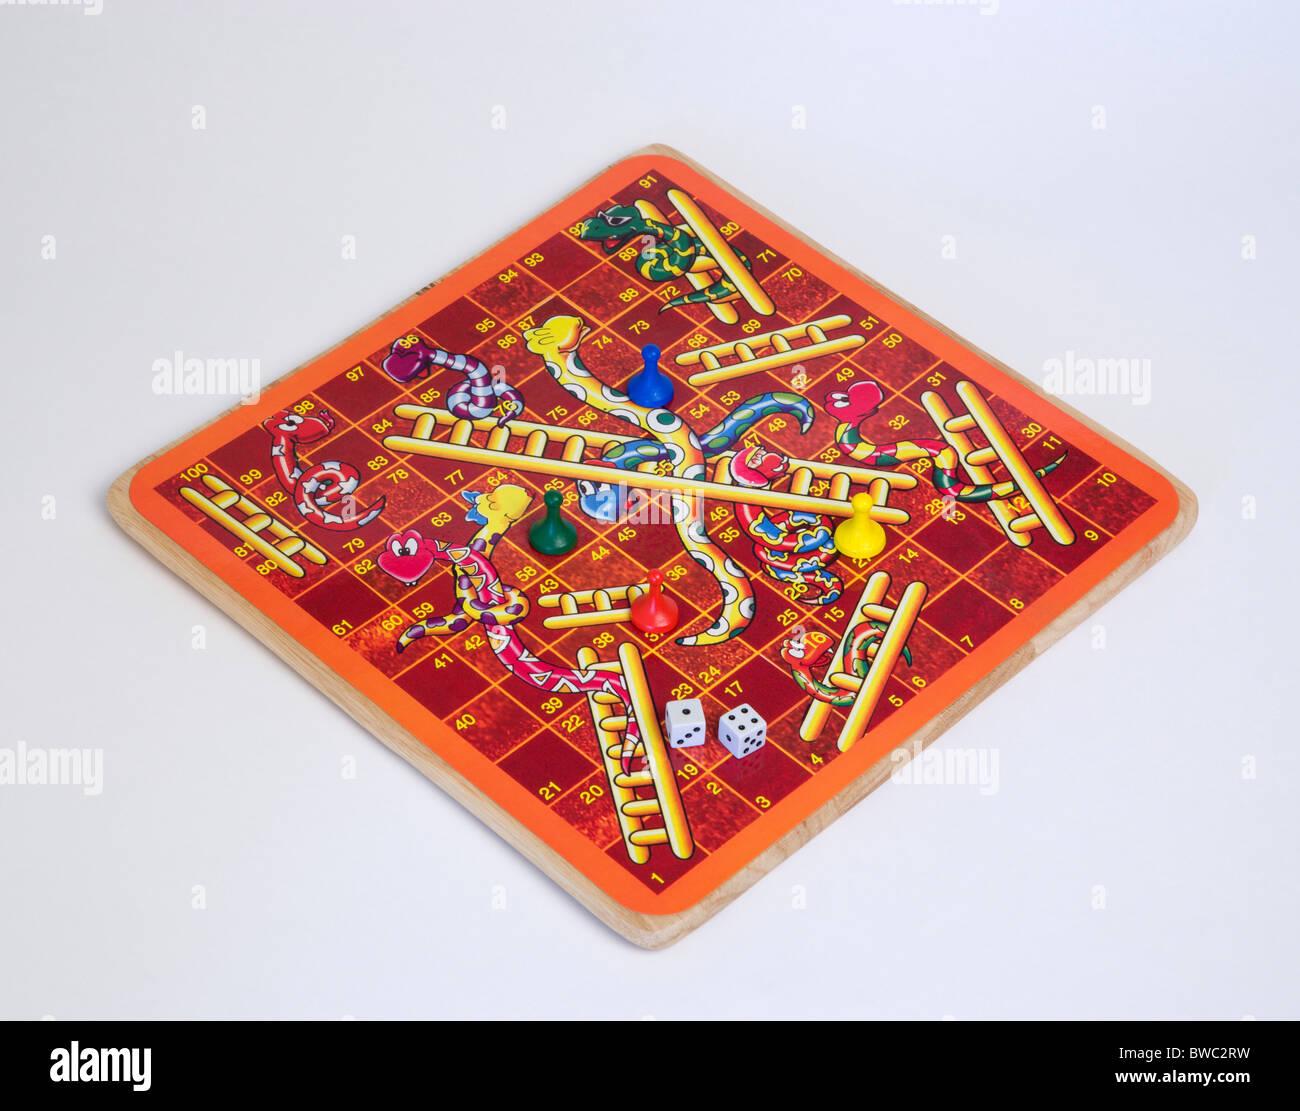 Jouets, jeux, jeu de société, jeu de serpents et échelles avec des dés et des compteurs pour les enfants sur un fond blanc. Banque D'Images